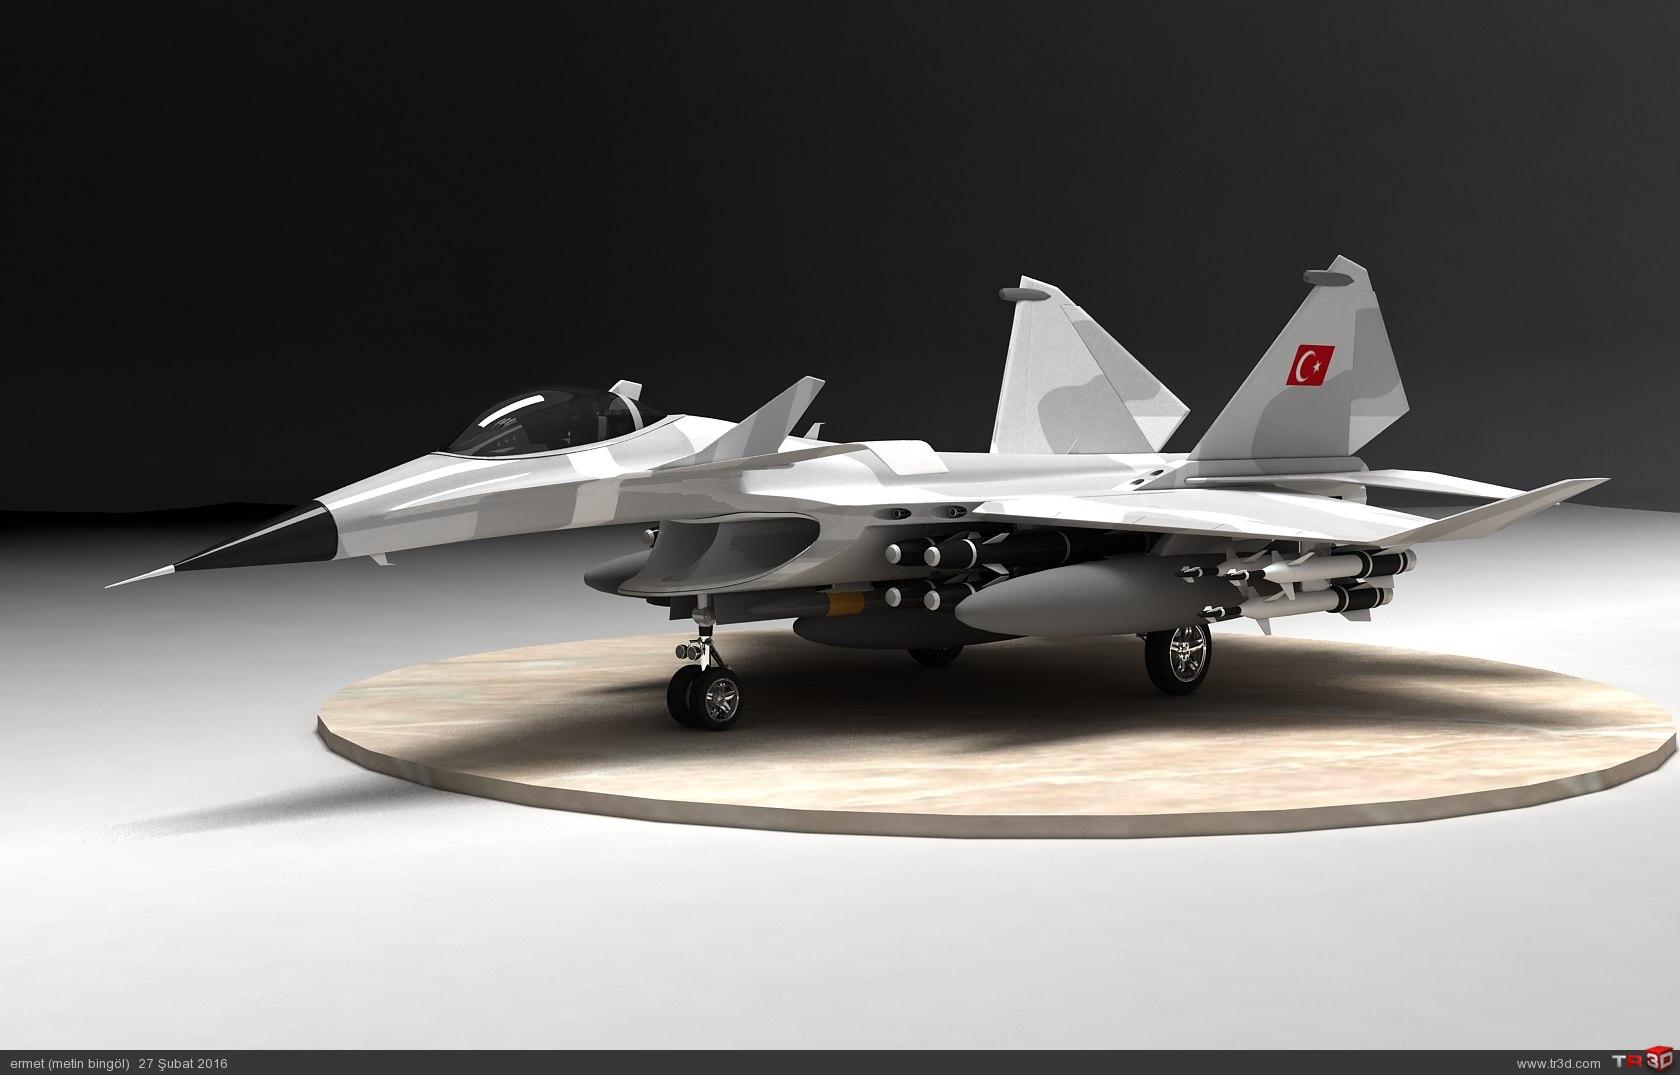 türk savaş uçağı metin serisi  (M 15) 1